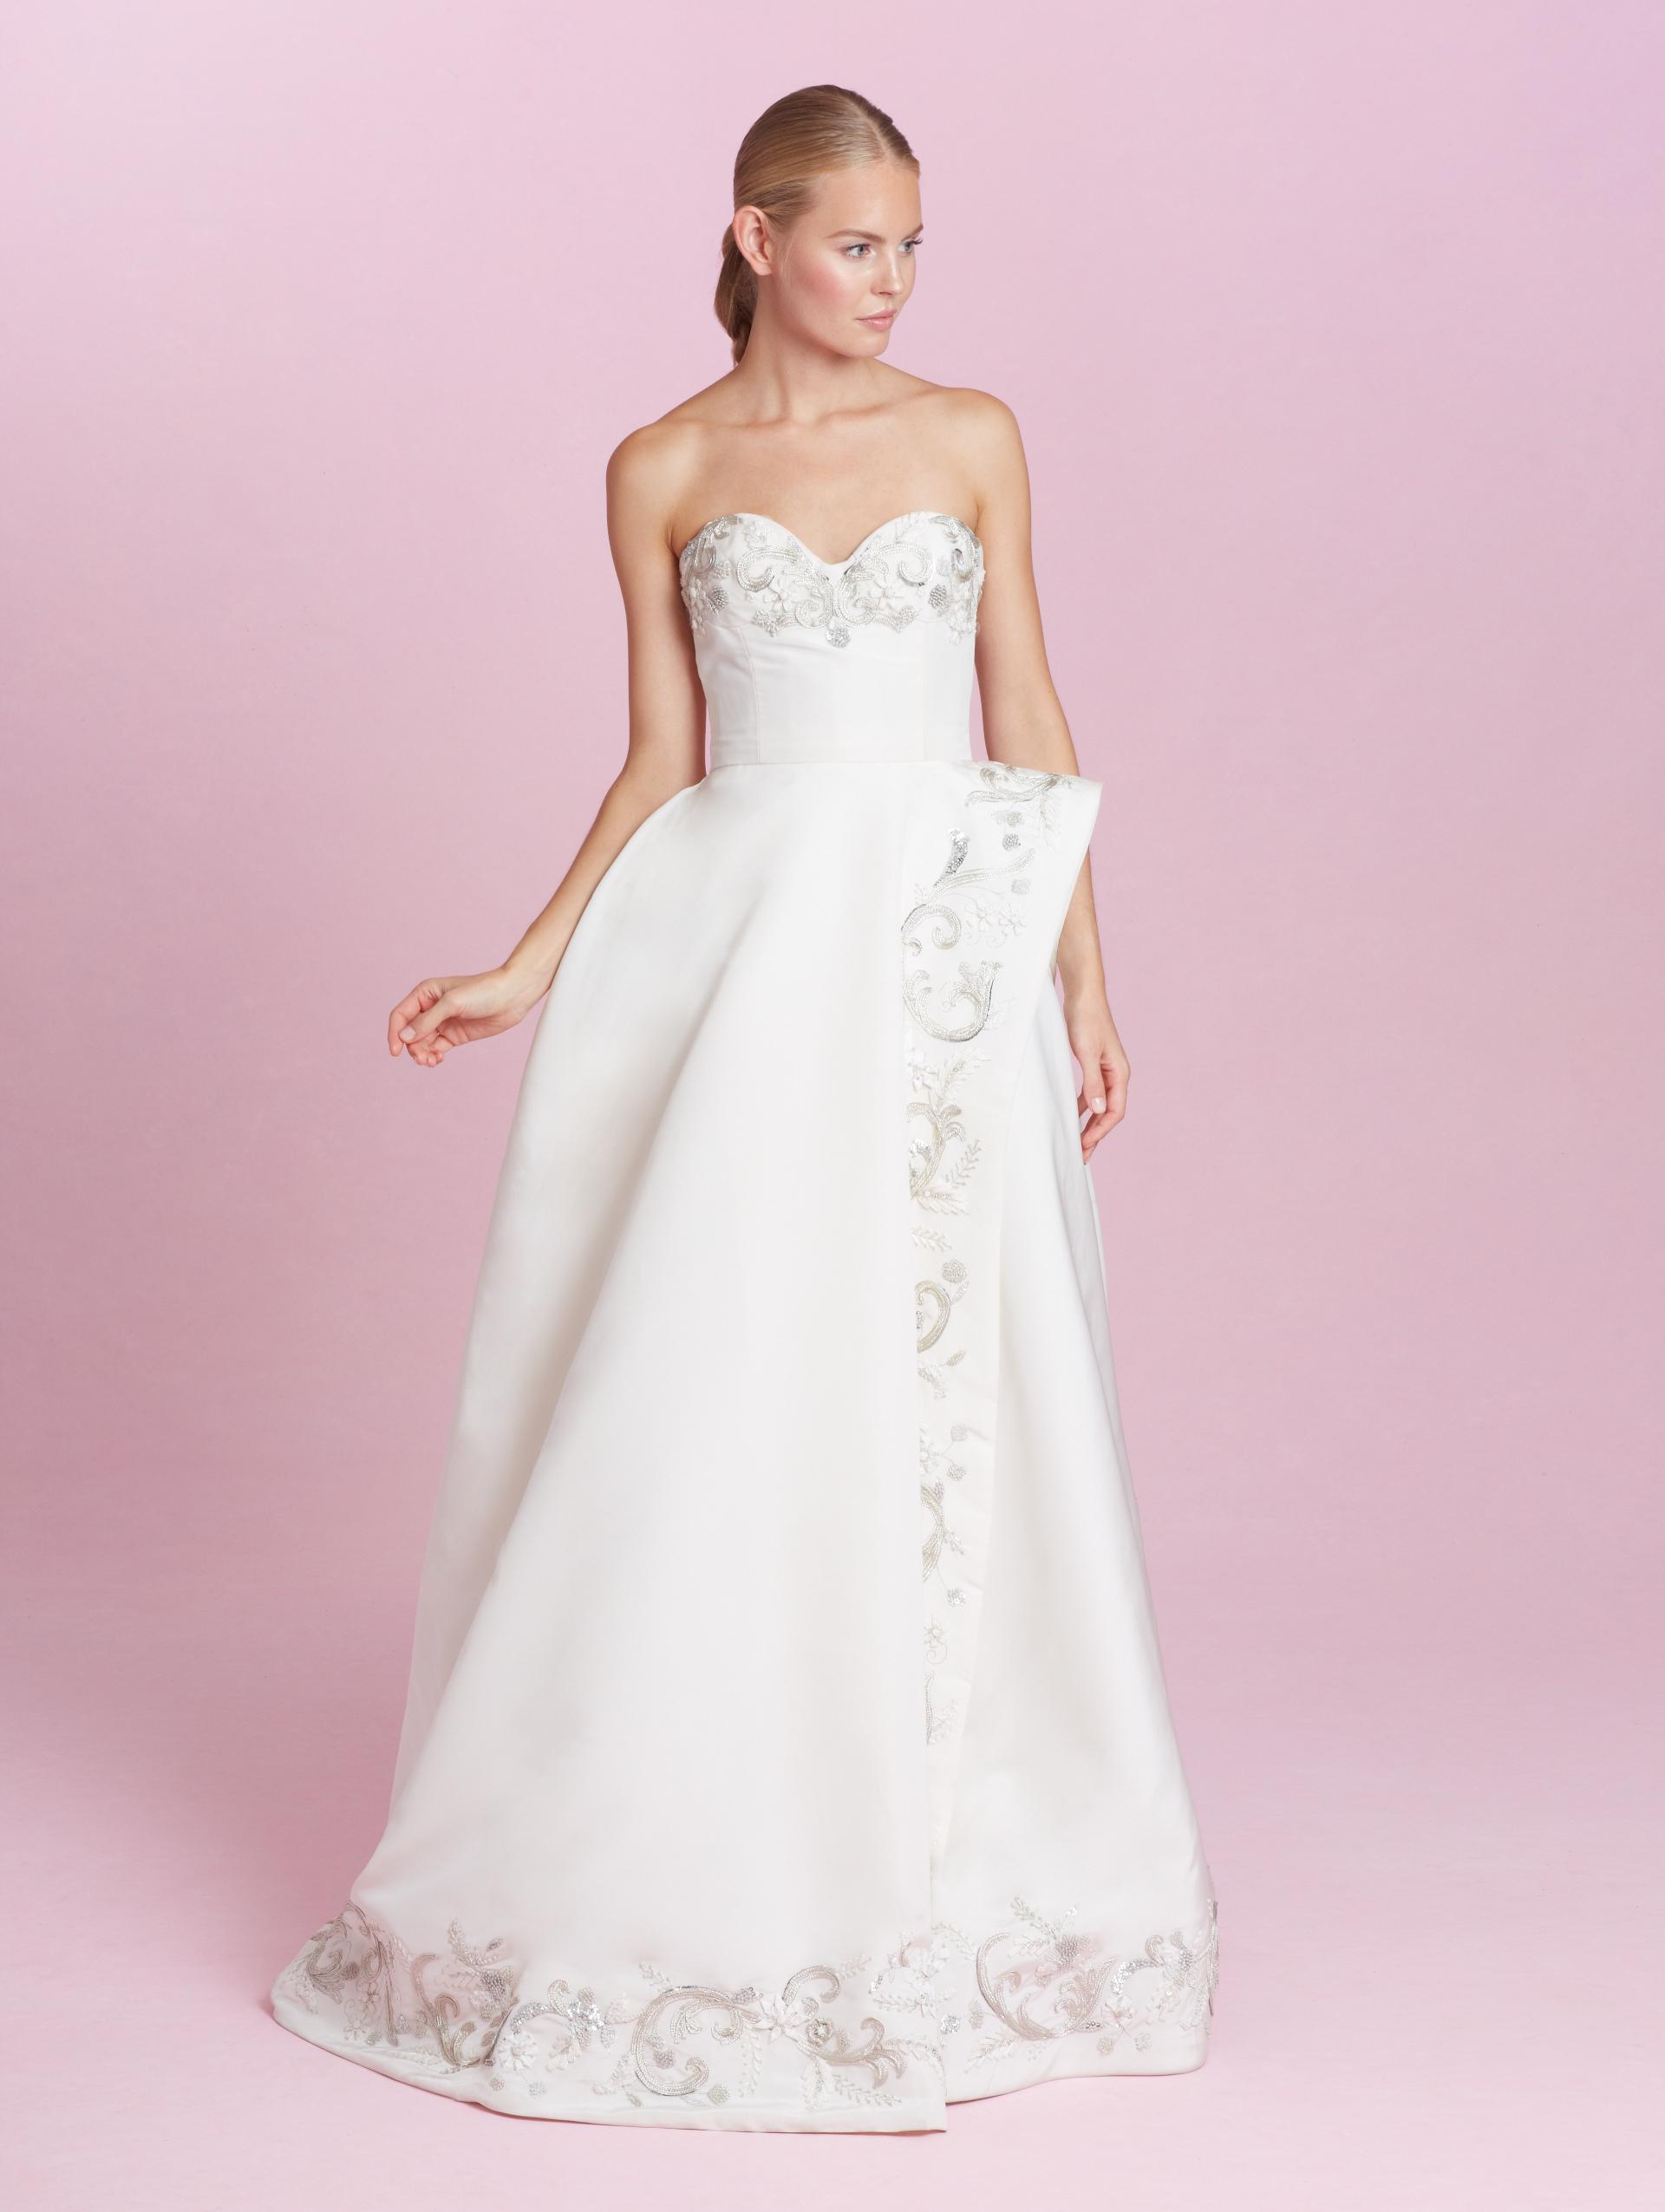 Atractivo Lorenzo Wedding Dress Embellecimiento - Colección de ...